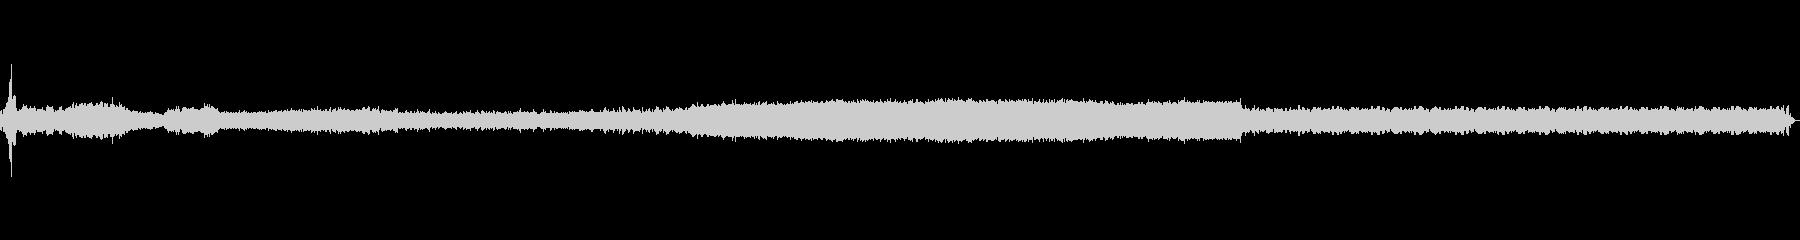 車_ピックアップトラック_01の未再生の波形